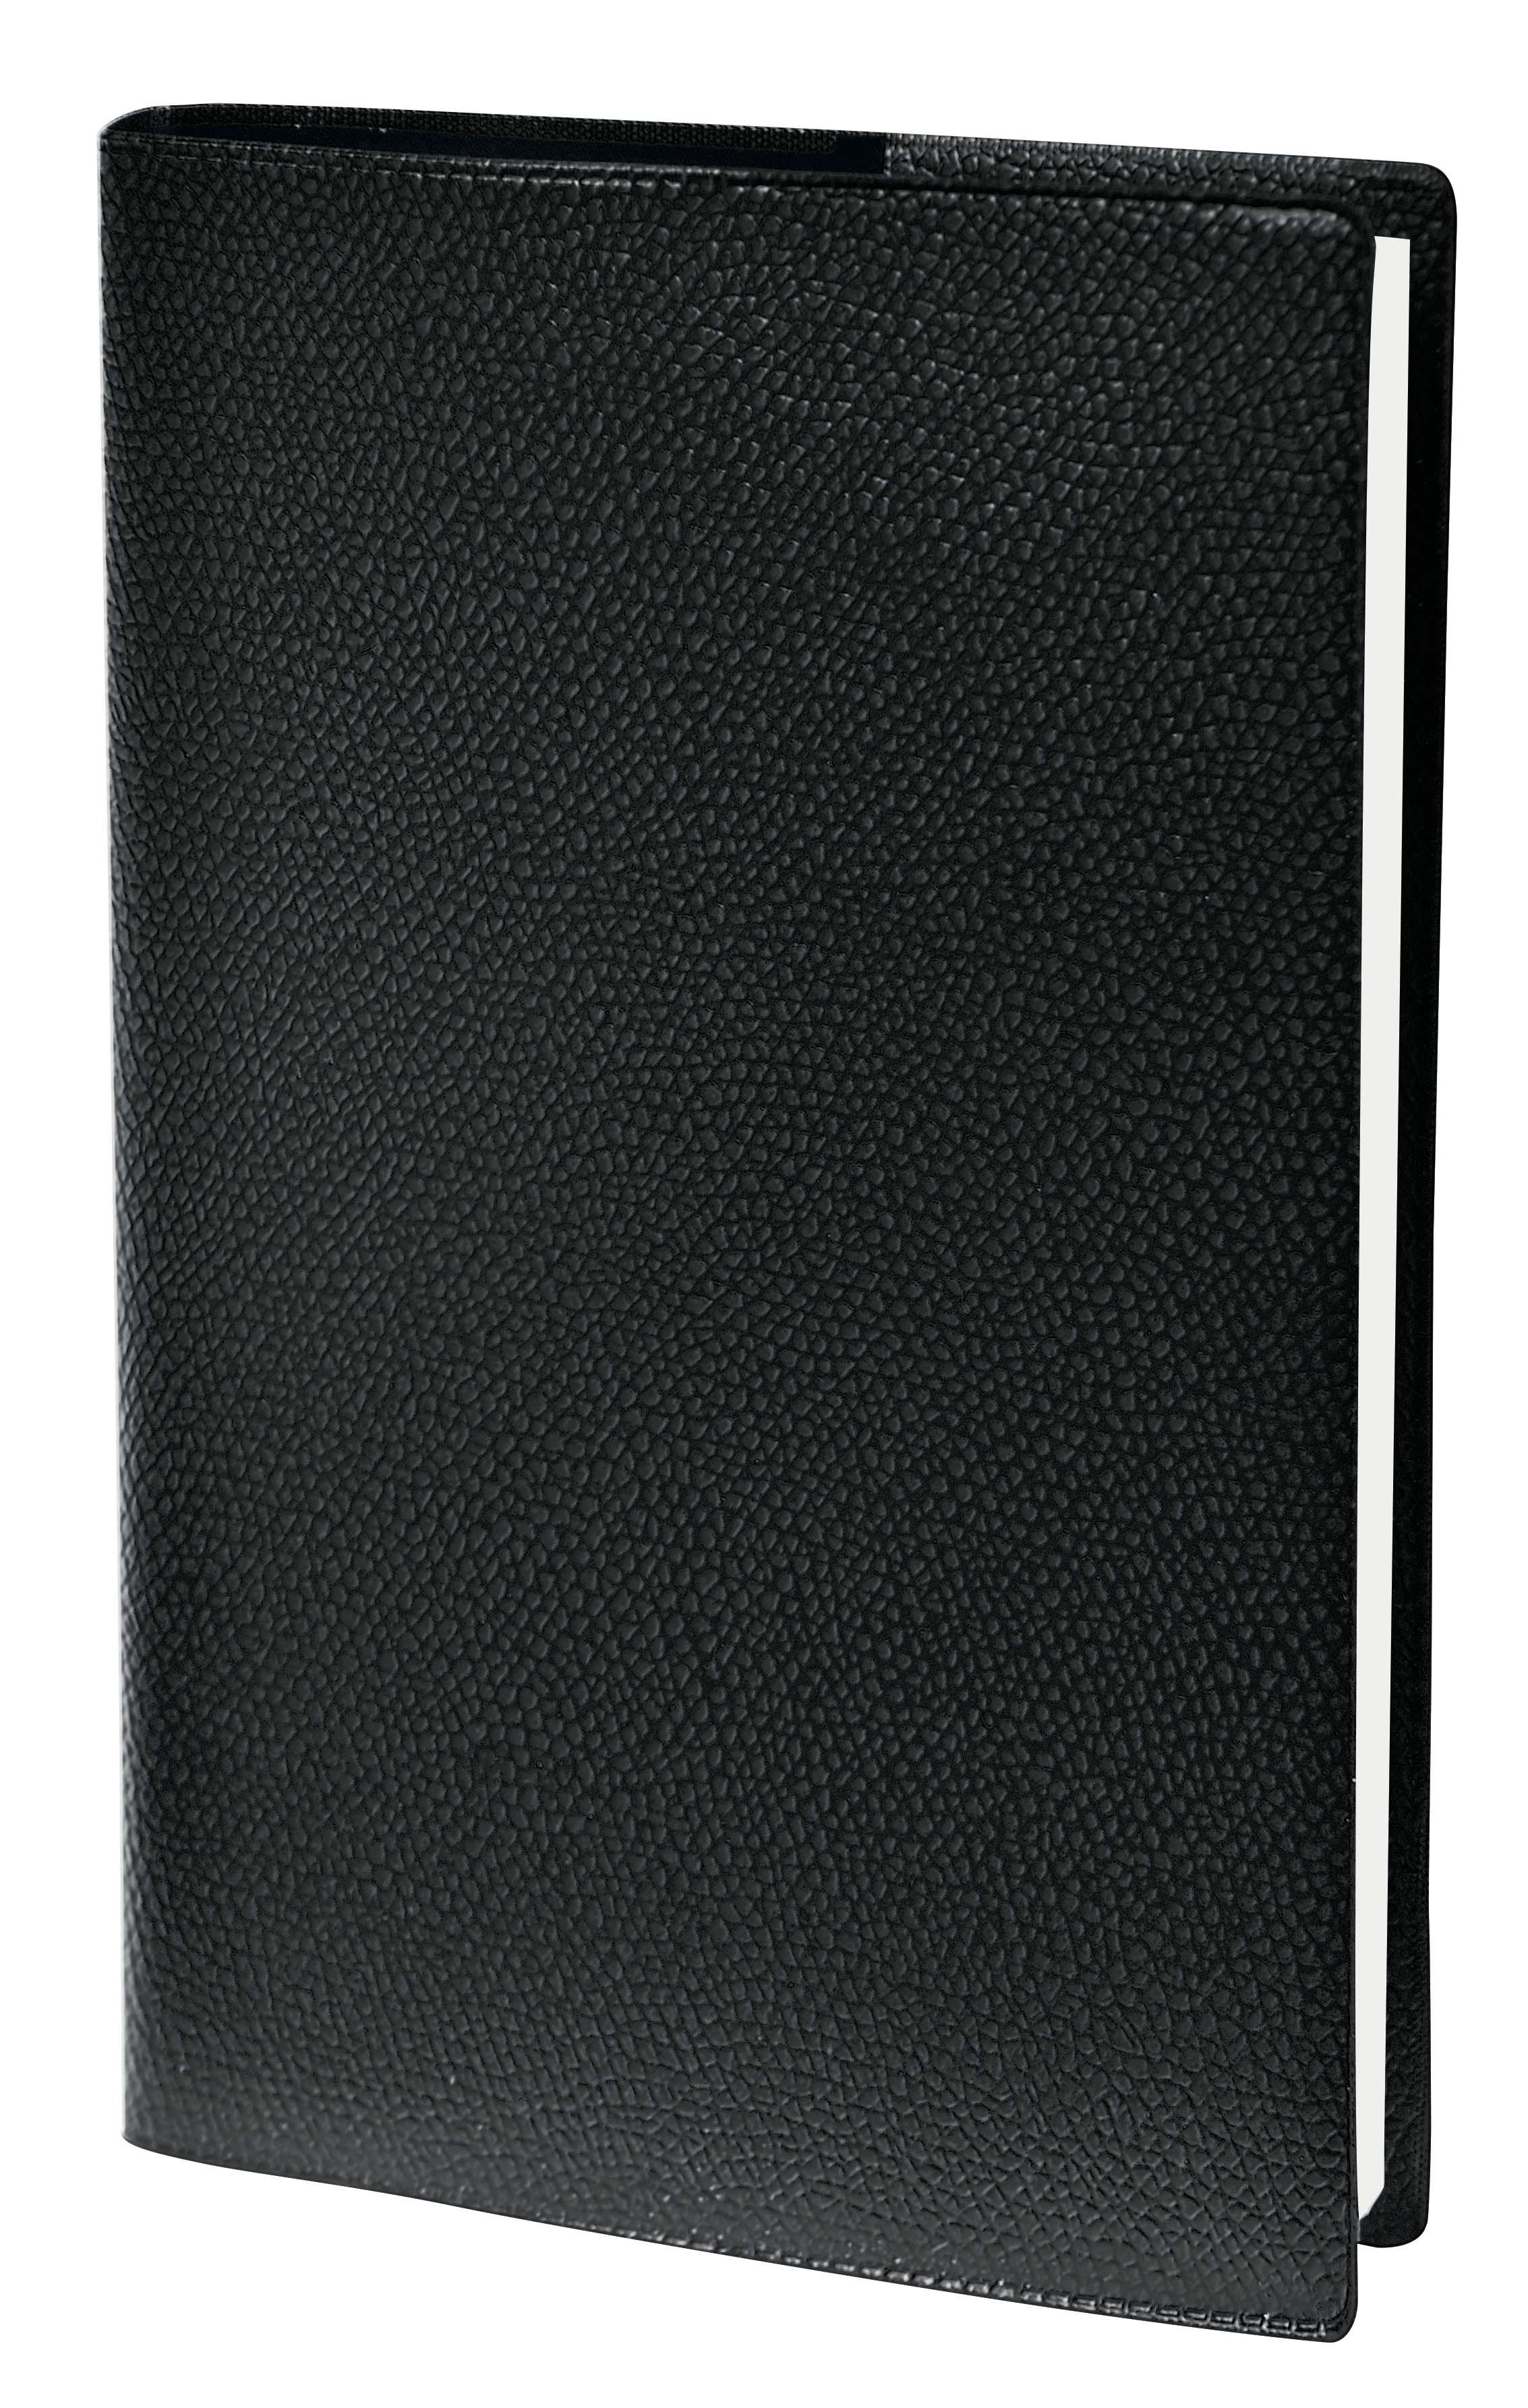 Agenda Impala Le Principal avec répertoire - 1 semaine sur 2 pages - 18 x 24 cm - noir - Quo Vadis